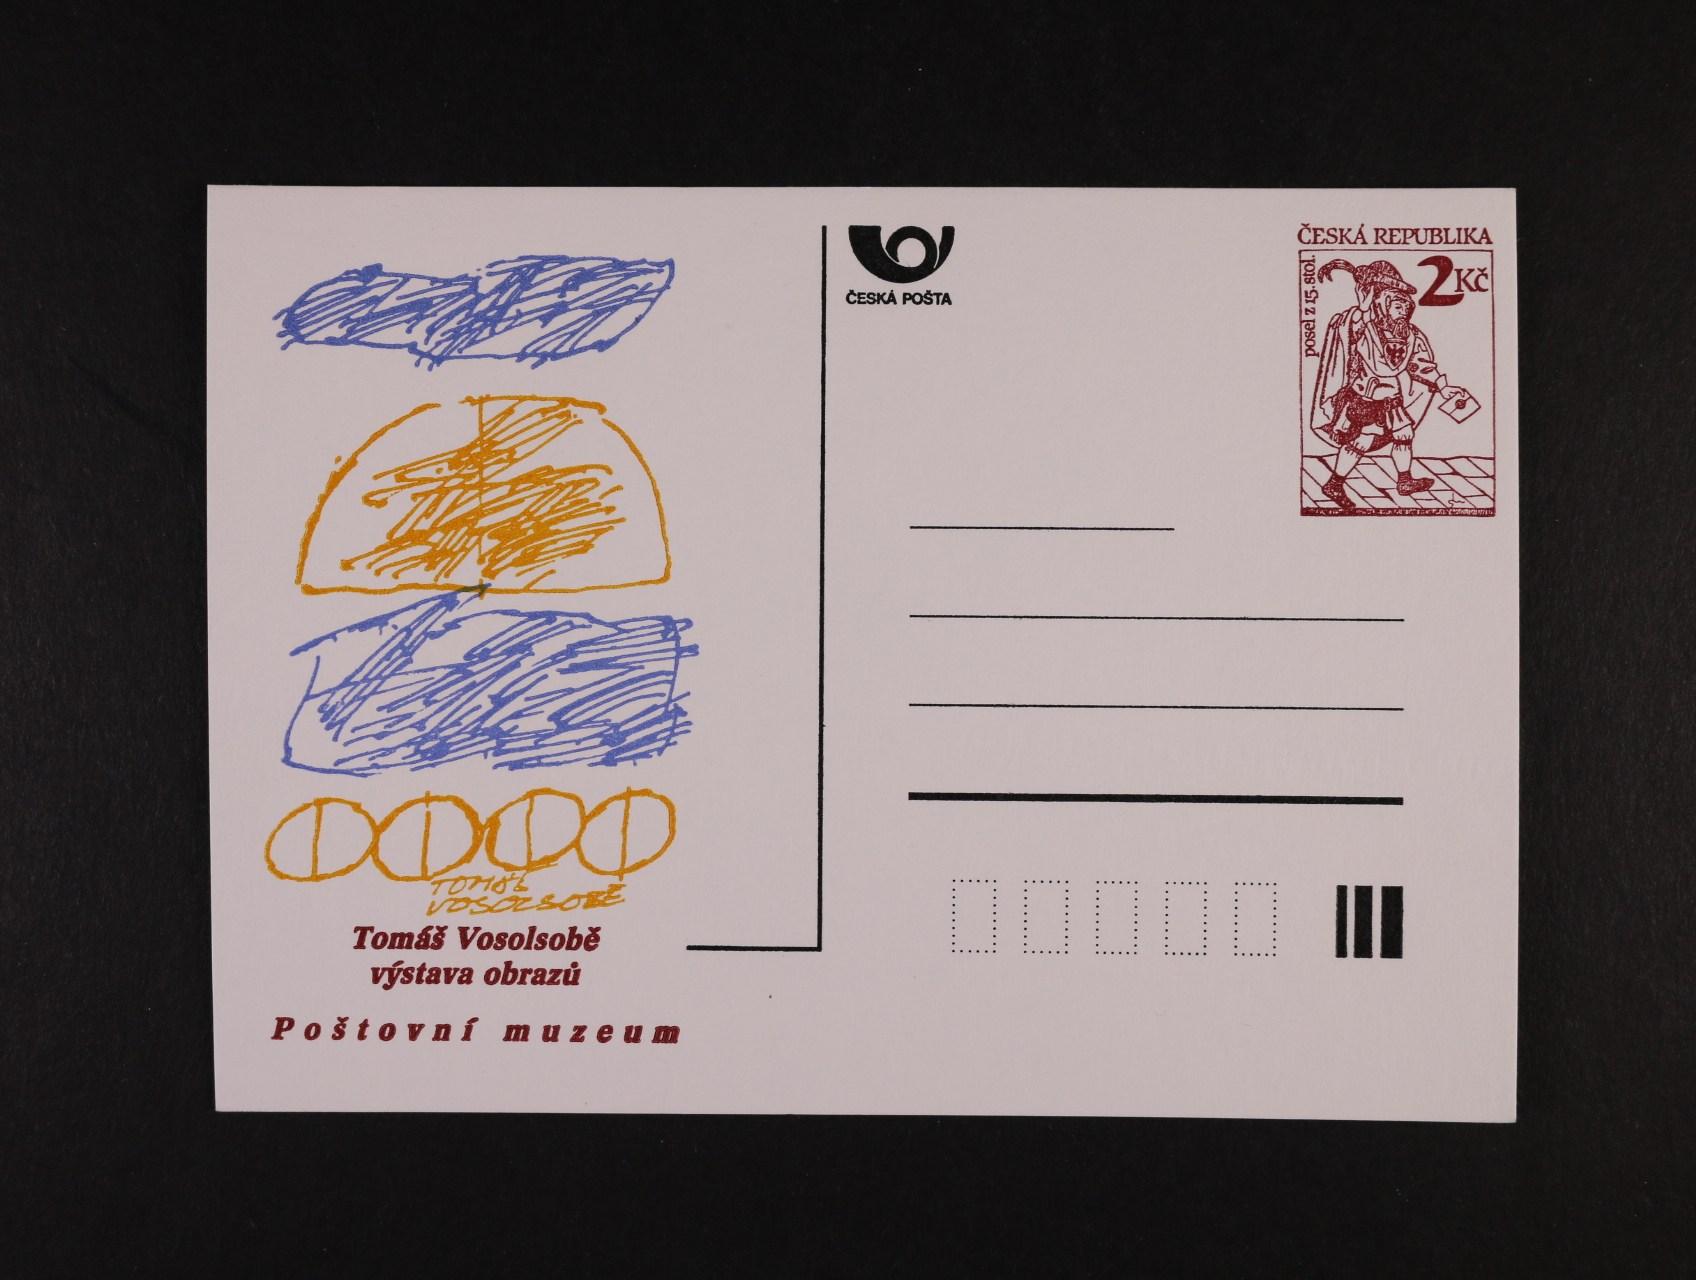 CDV č. 2 PM 1 s přítiskem Tomáš Vosolsobě VÝSTAVA OBRAZŮ v barvě tmavěoranžové a posunem ořezu vlevo, nepoužitá, kat. cena 2500 Kč